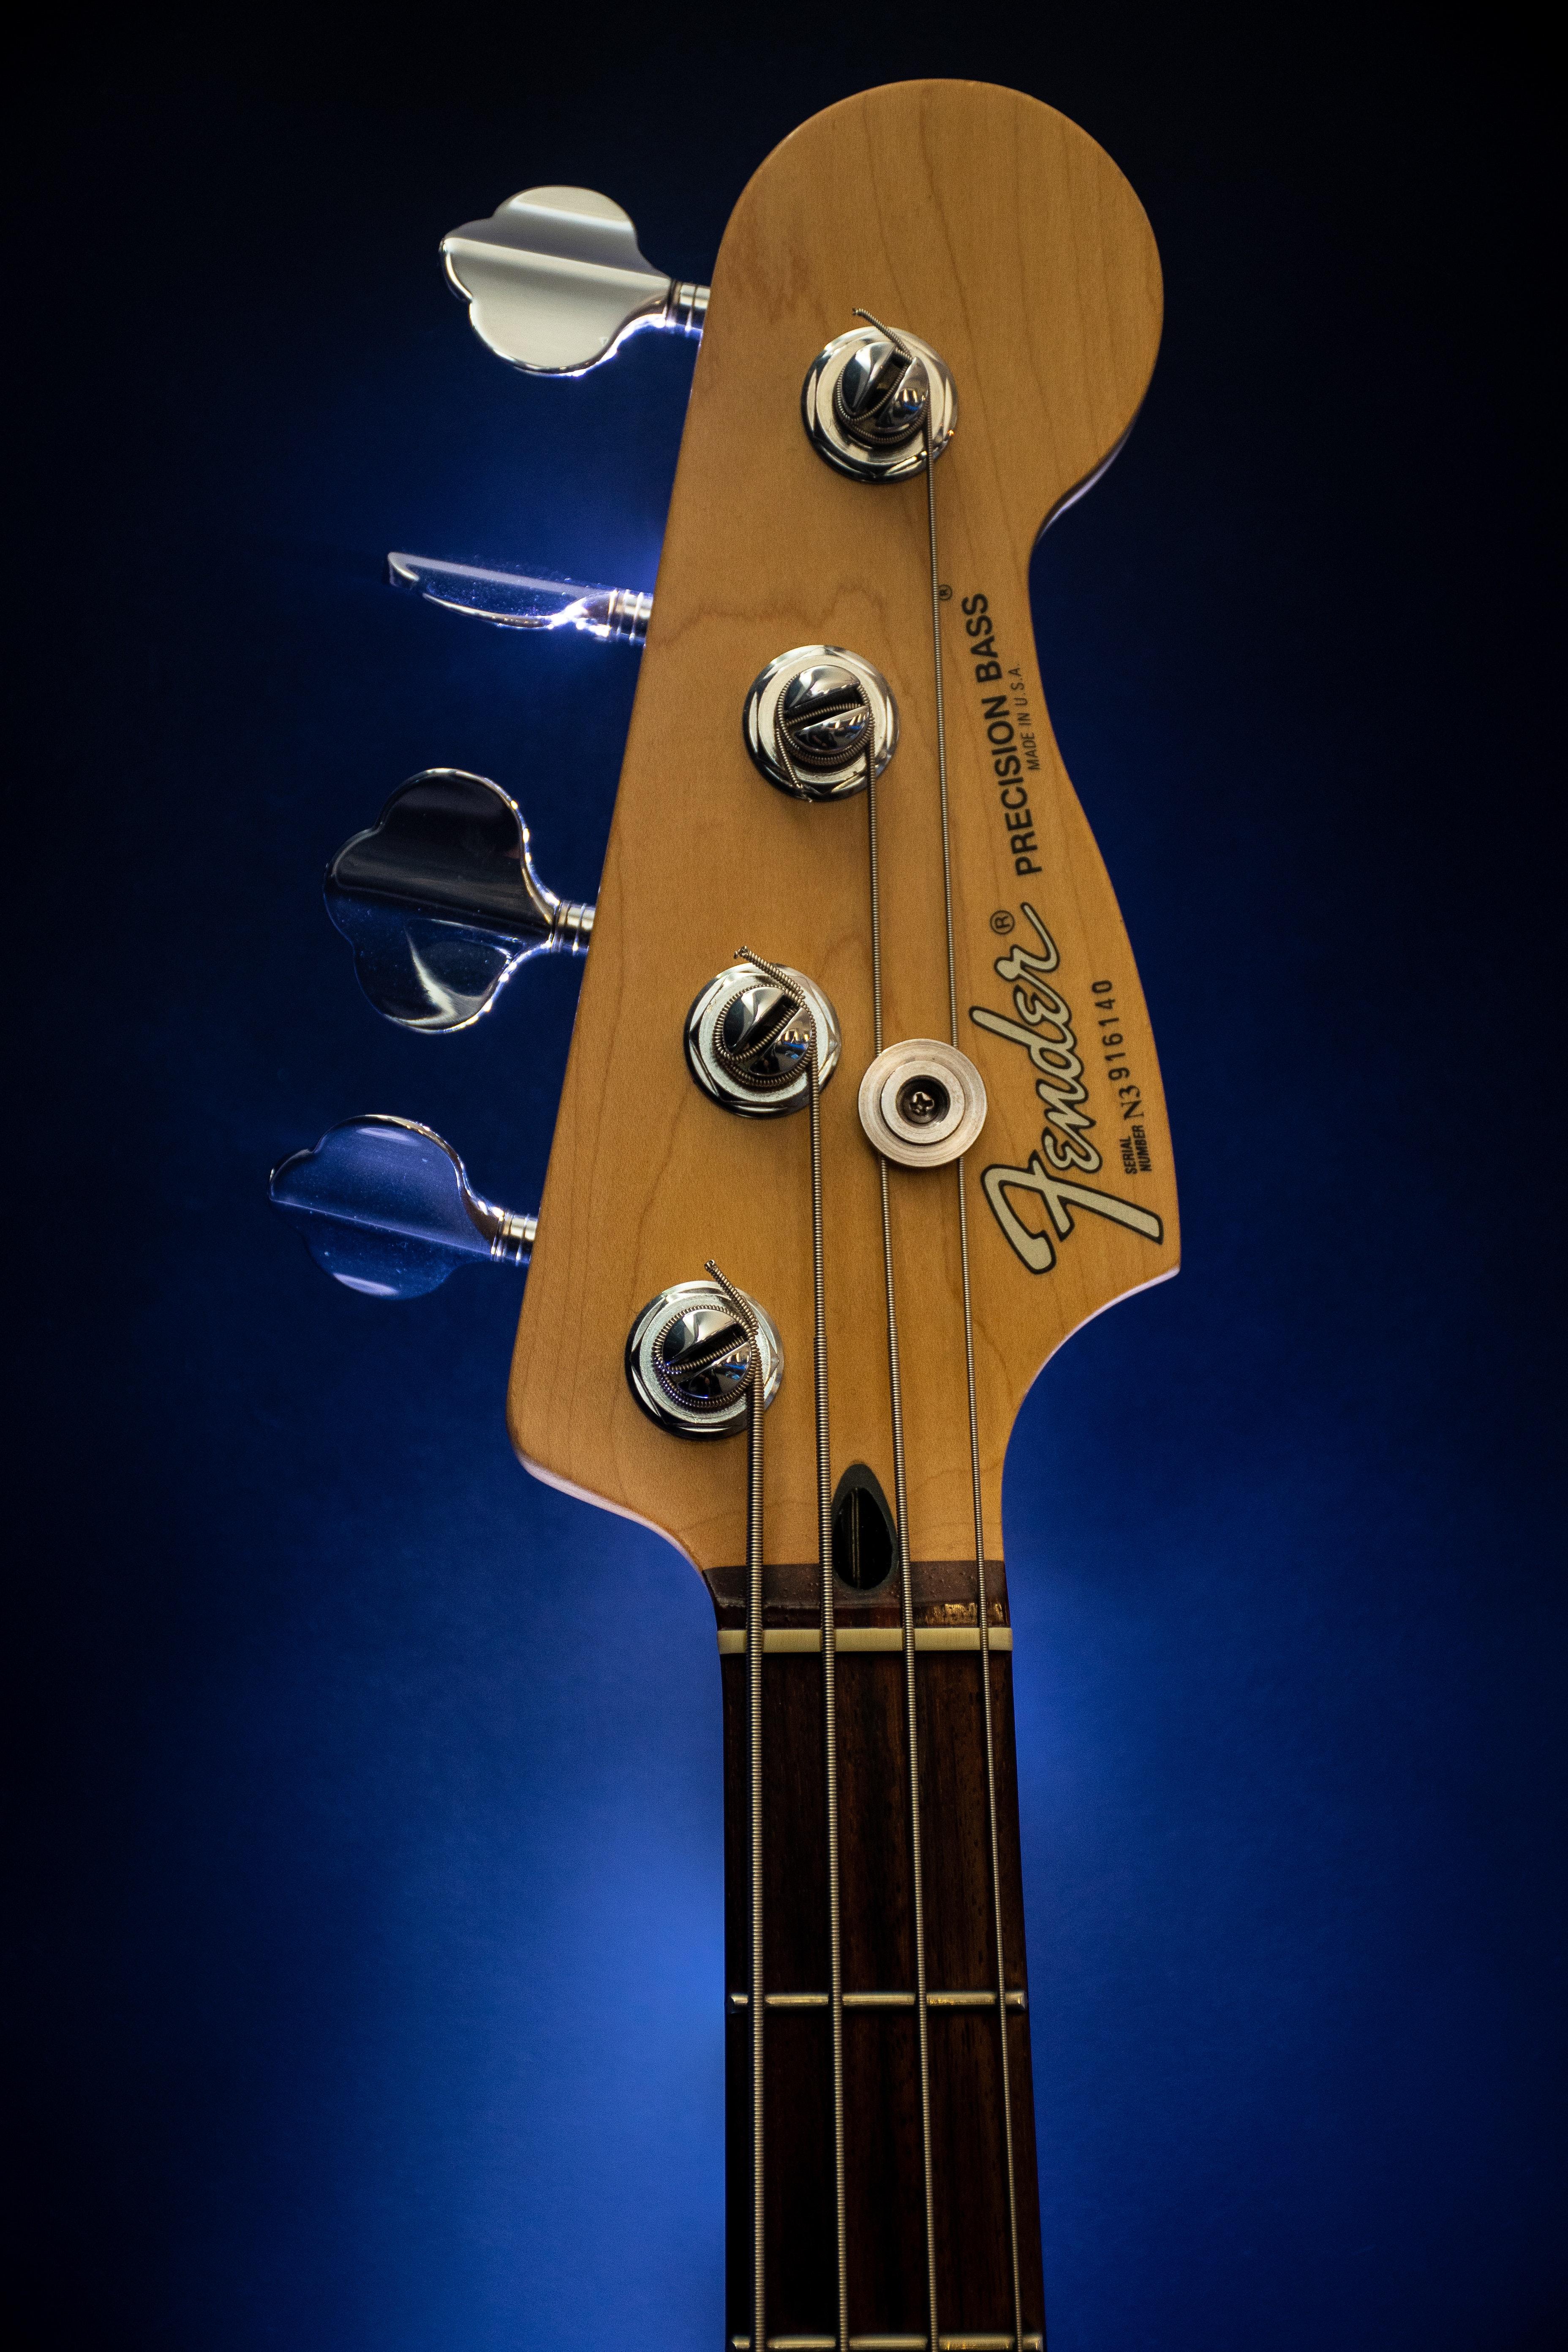 bass-bass-guitar-chrome-1213918